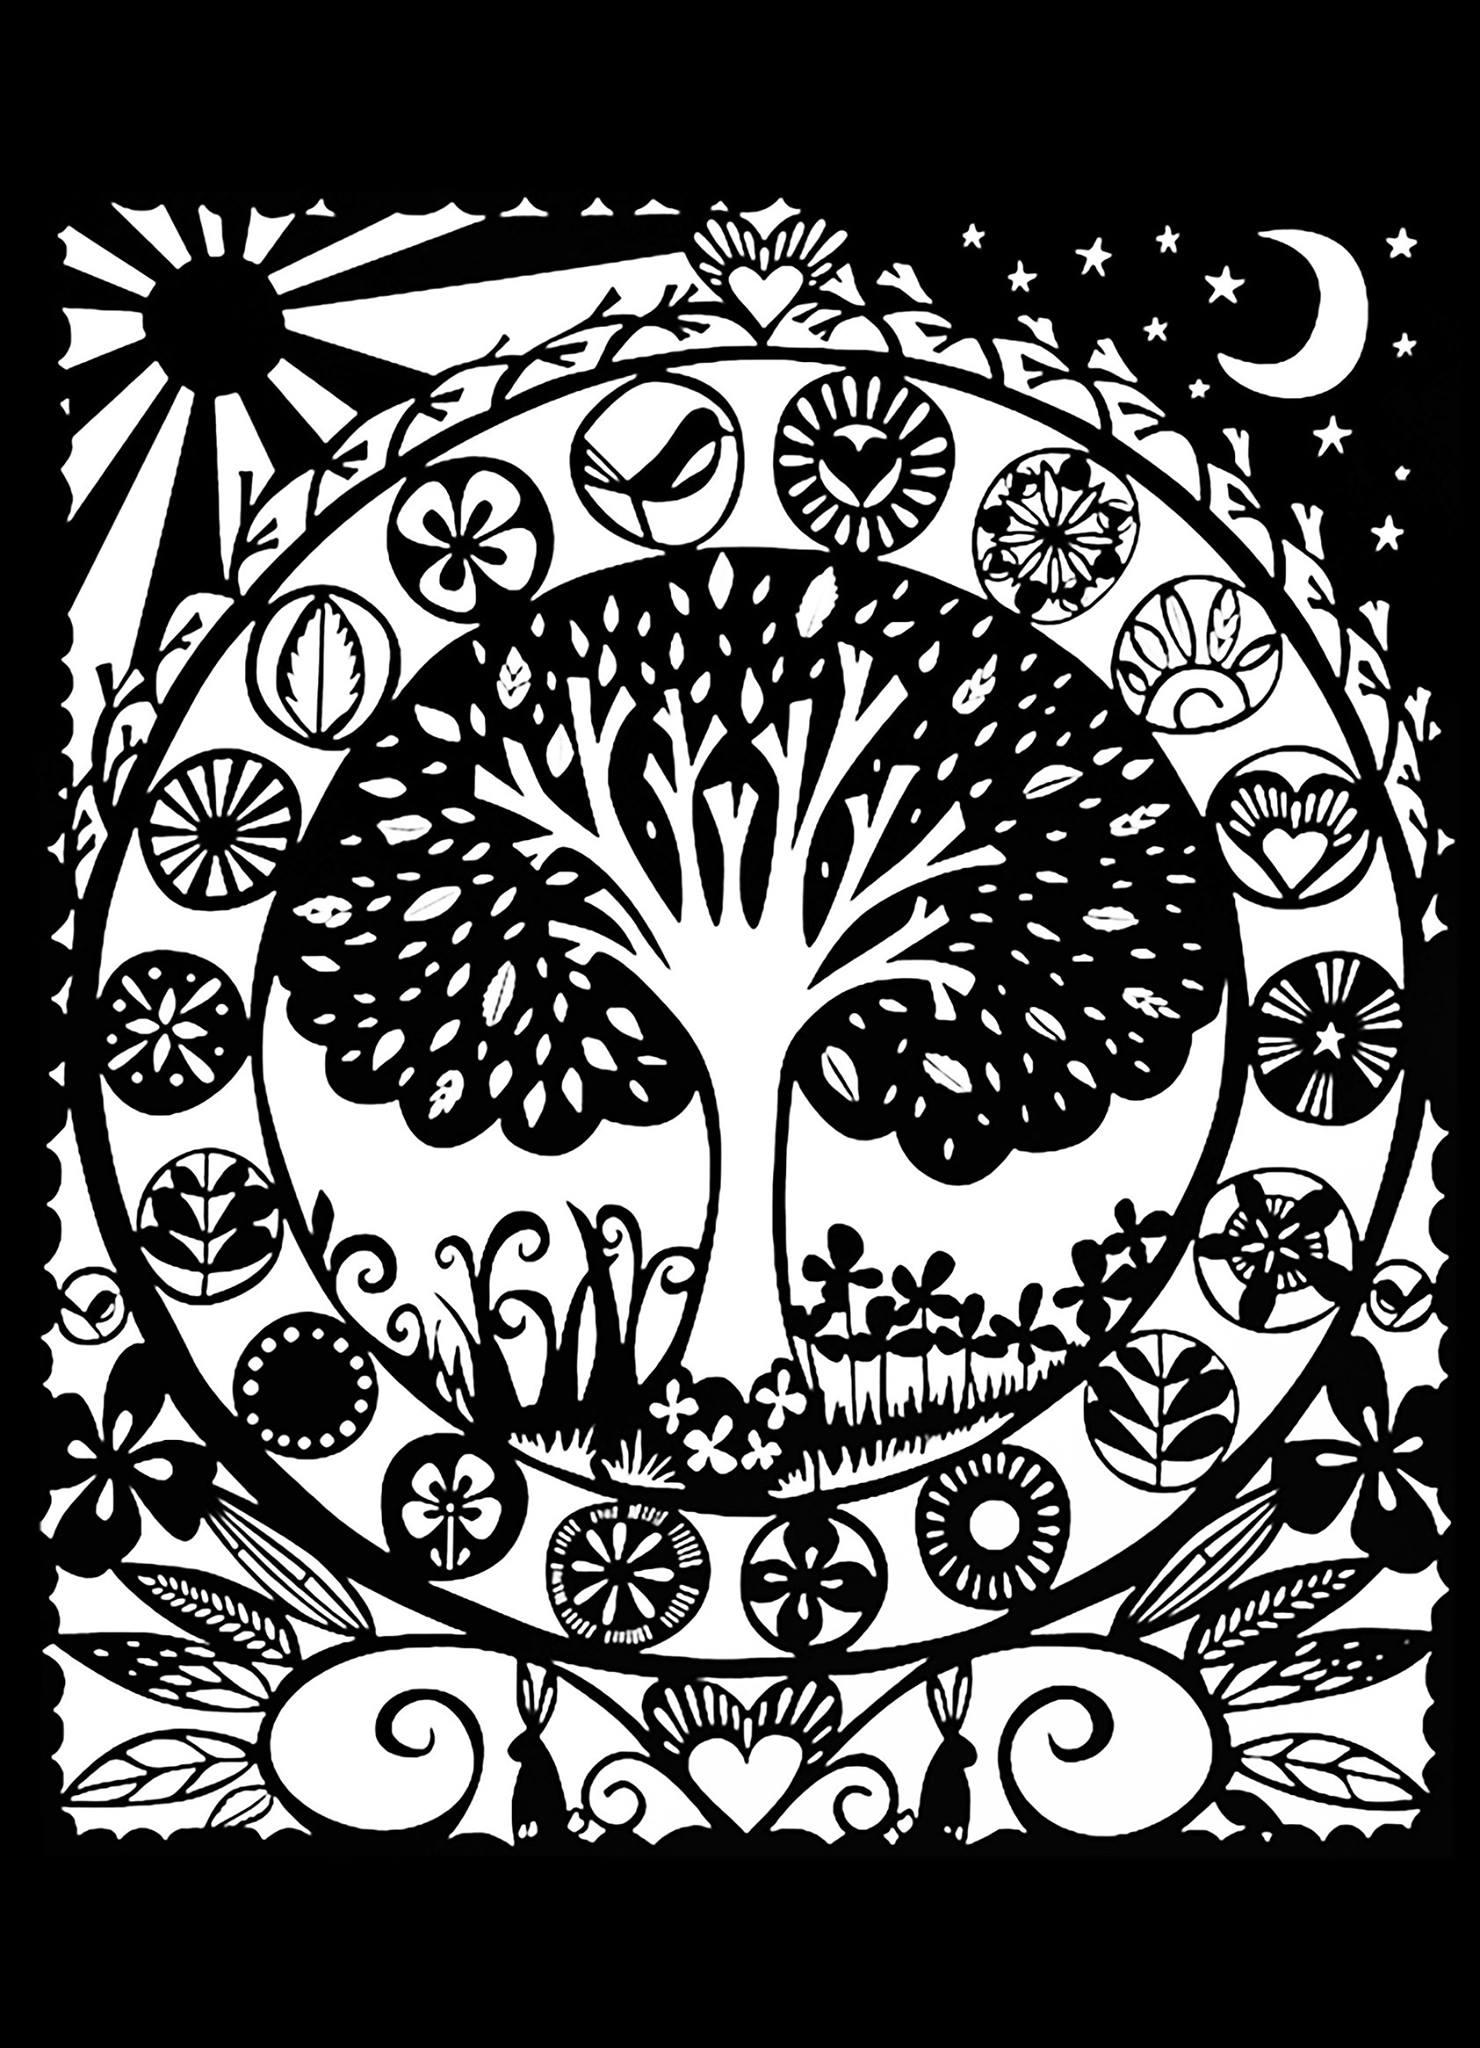 Un magnifique arbre et ses motifs végétaux (version arbre noir)